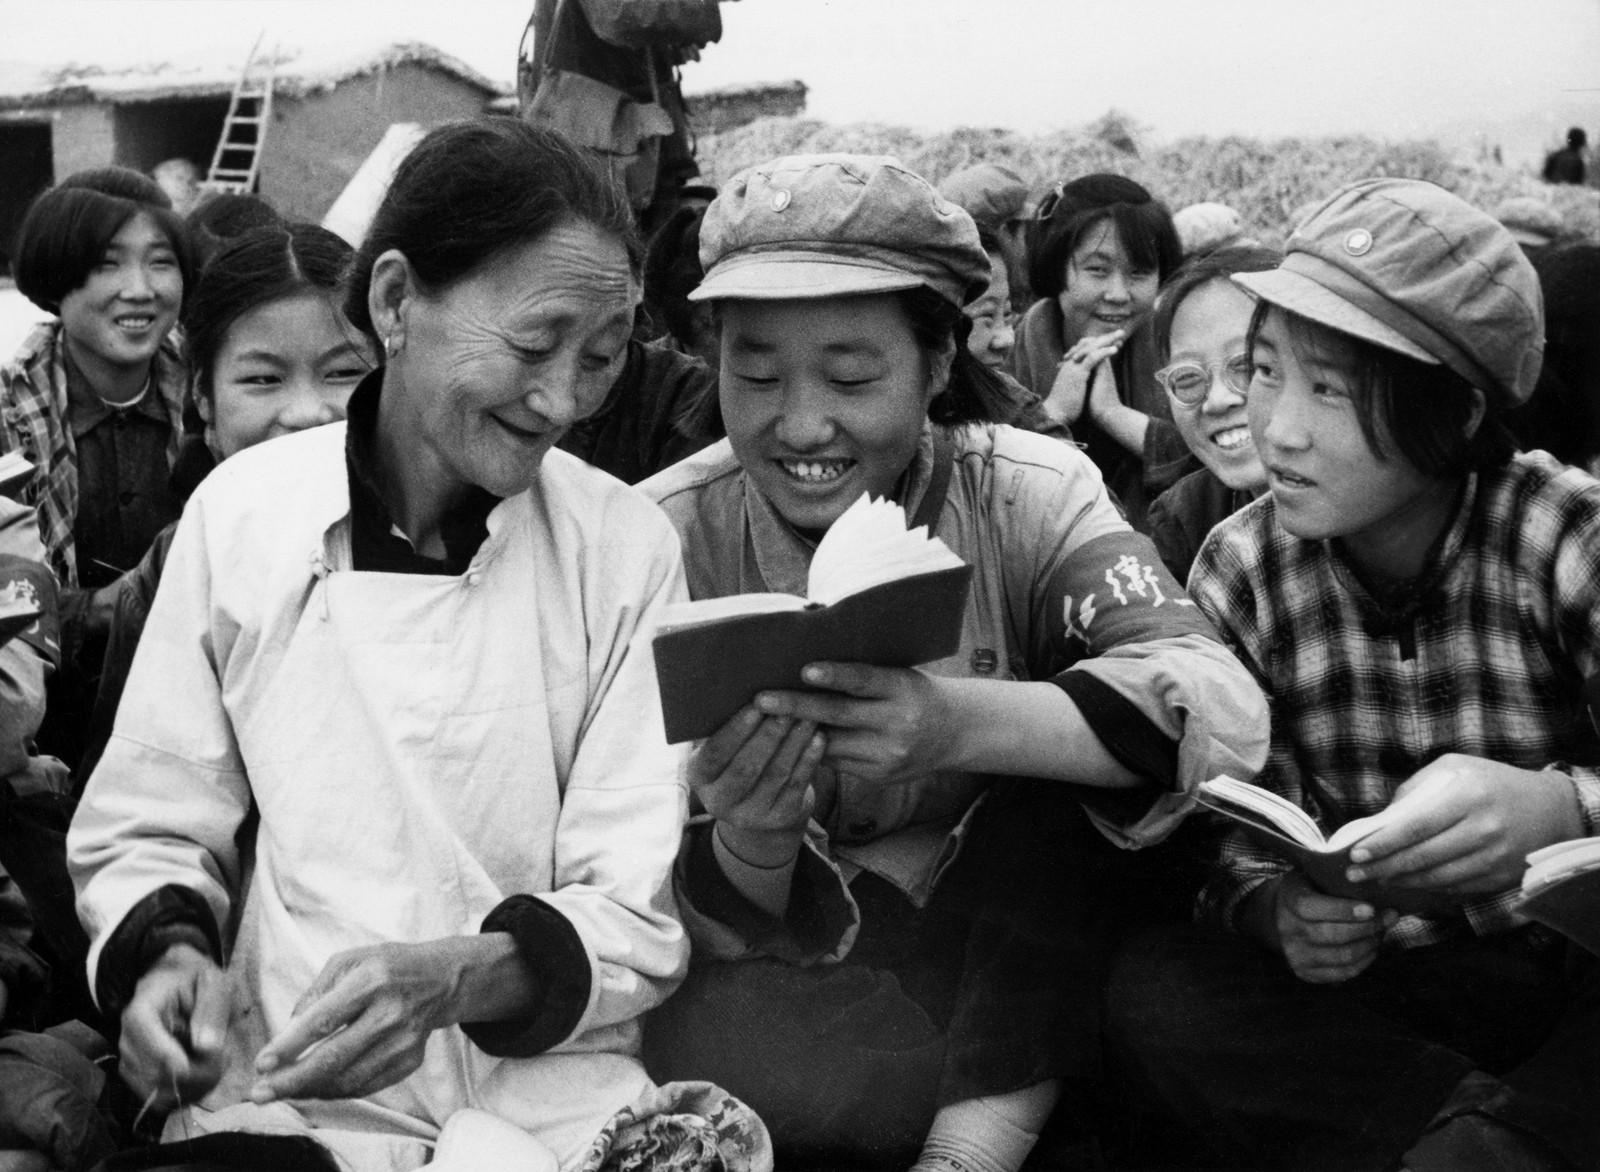 Rødegardister som var sendt ut på landsbygda under innhøstingen i oktober 1966 viser en eldre bondekvinne gullkort fra «Maos lille røde».